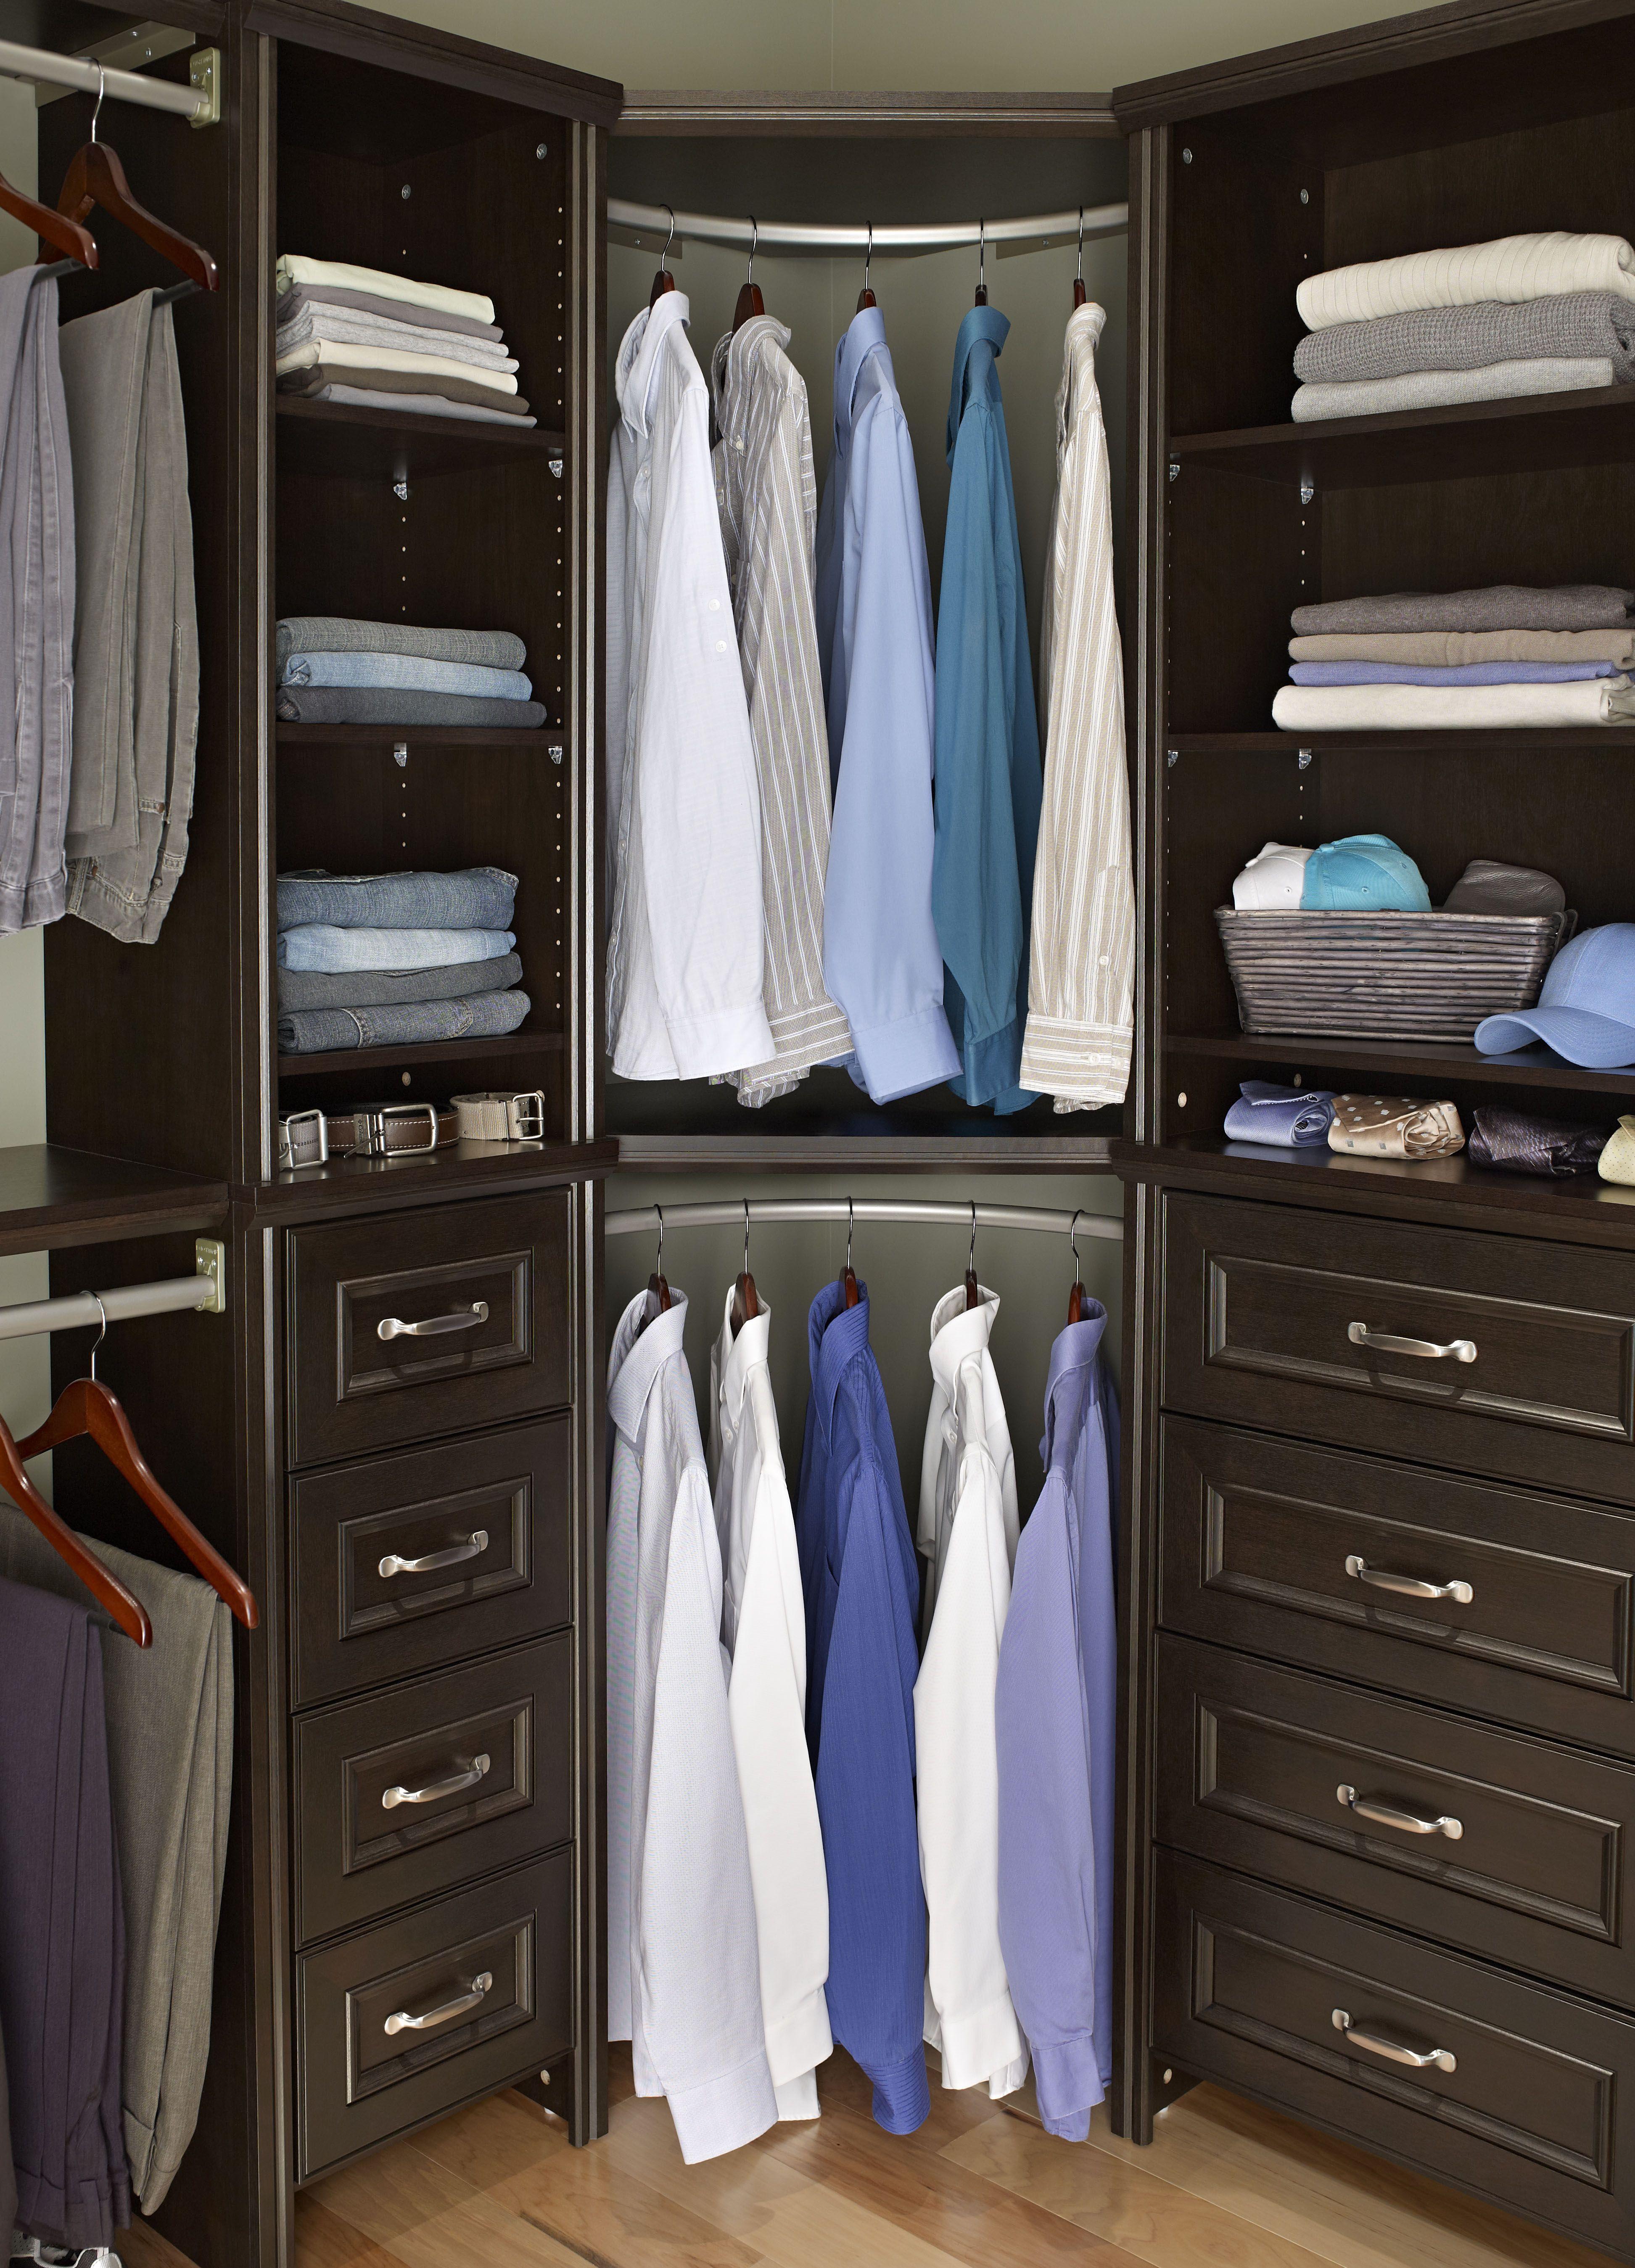 Alluring Rubbermaid Closet Designer For Fancy Closet Idea